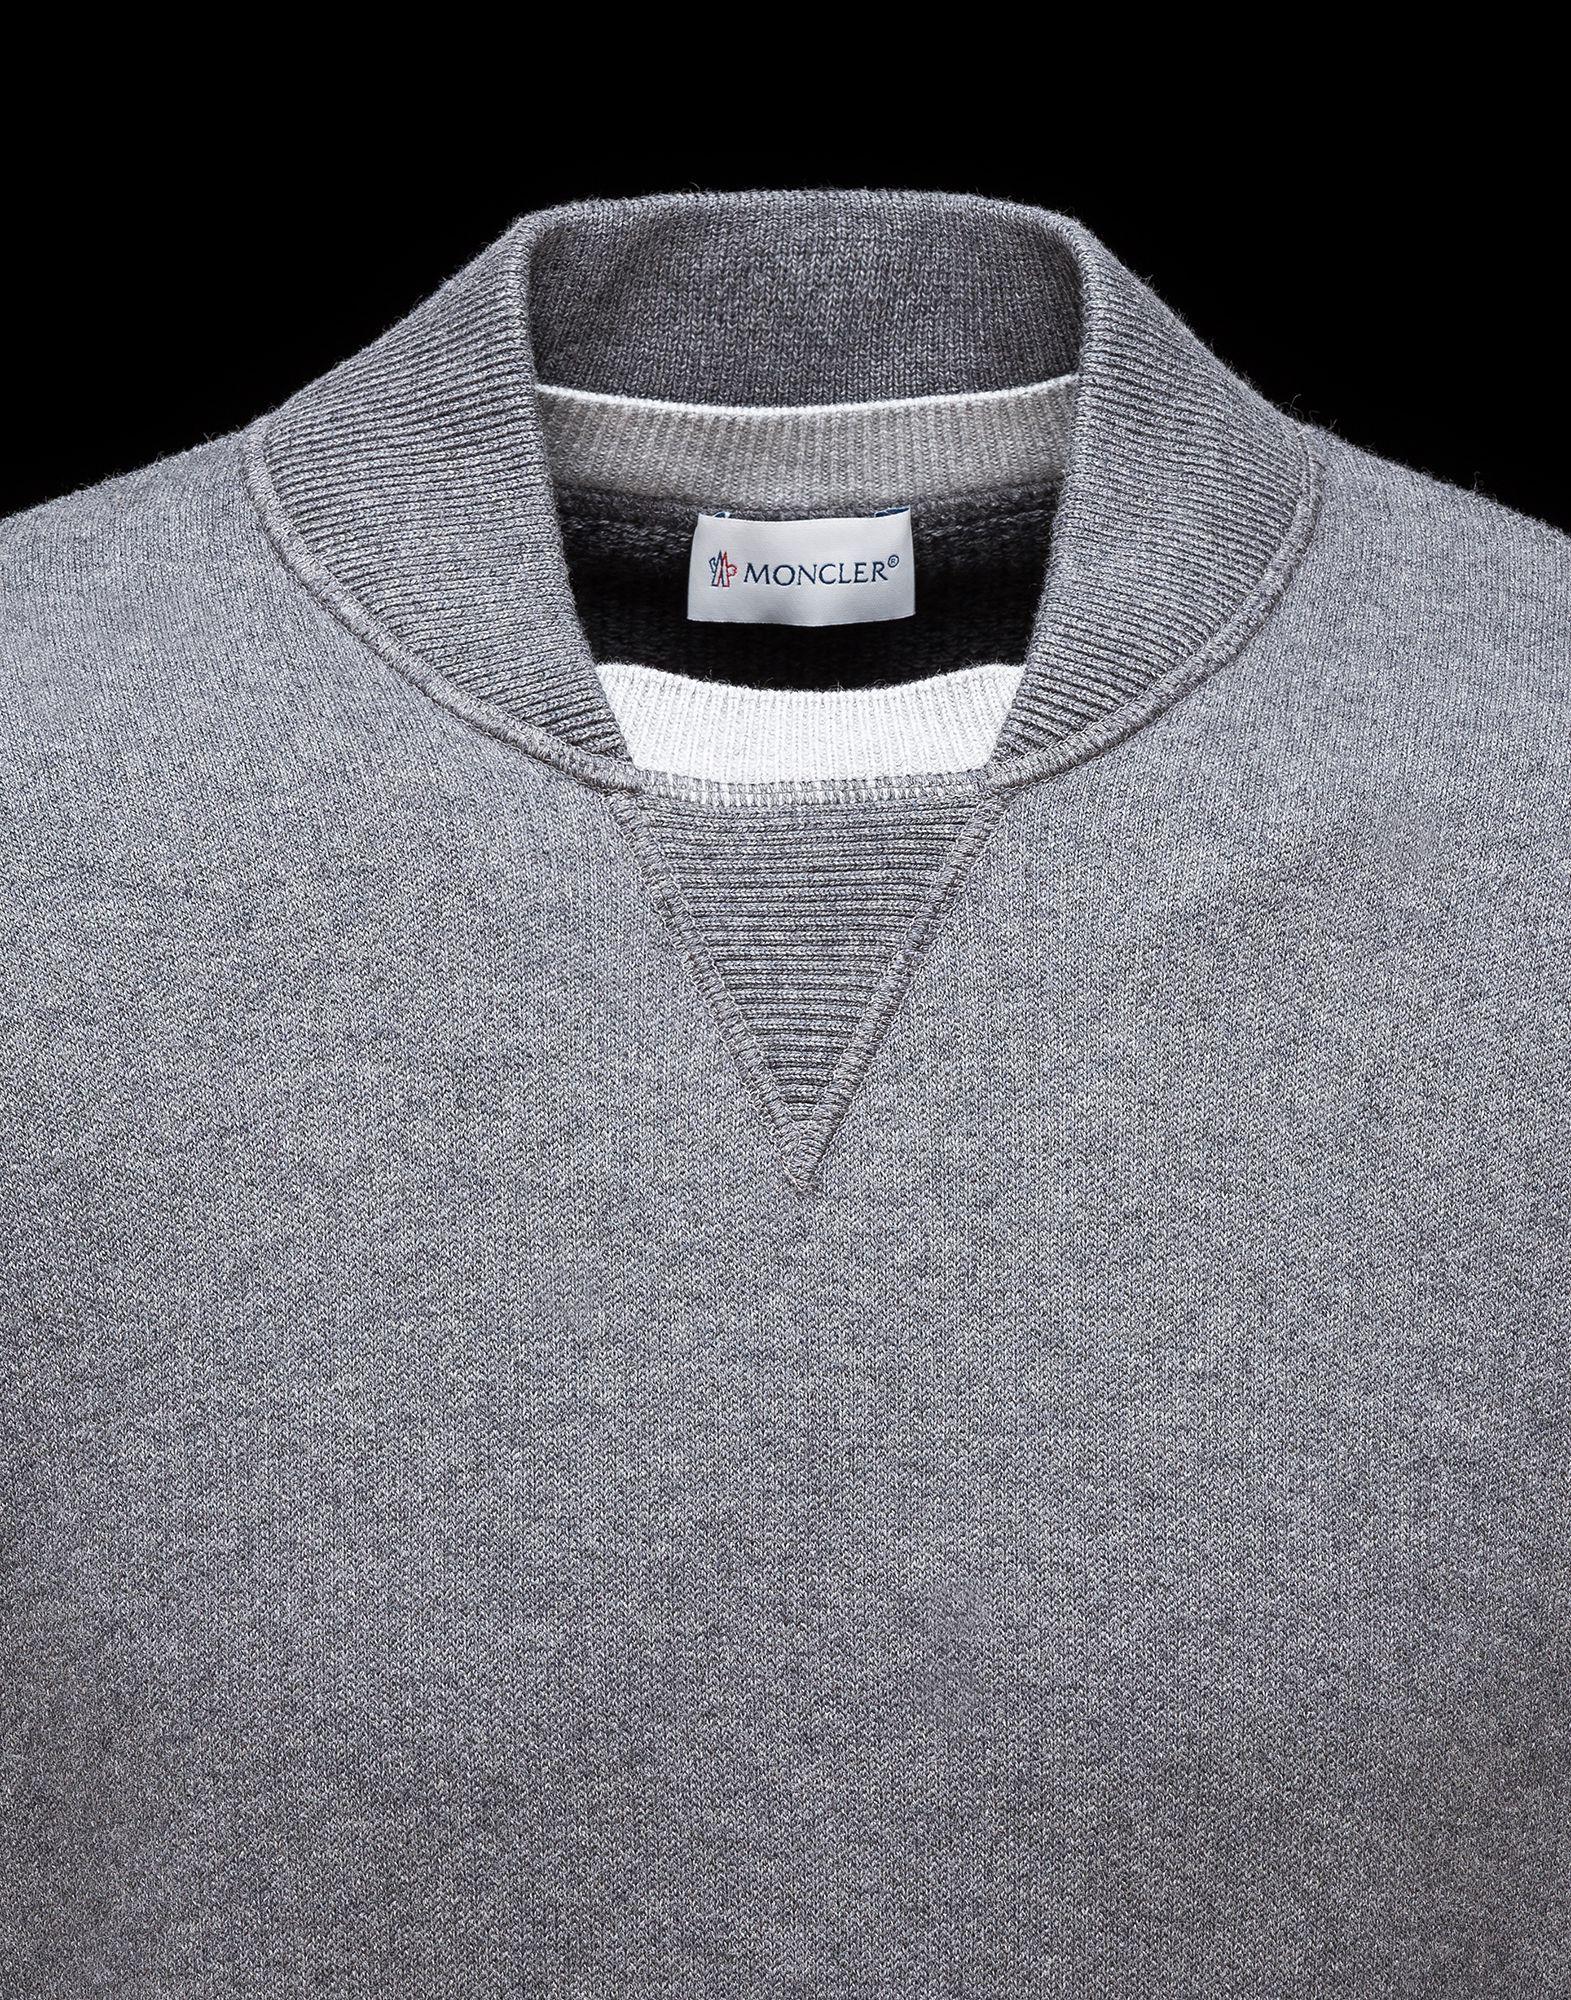 Moncler Camisetas Con Y Sin Mangas & Jerseys maron